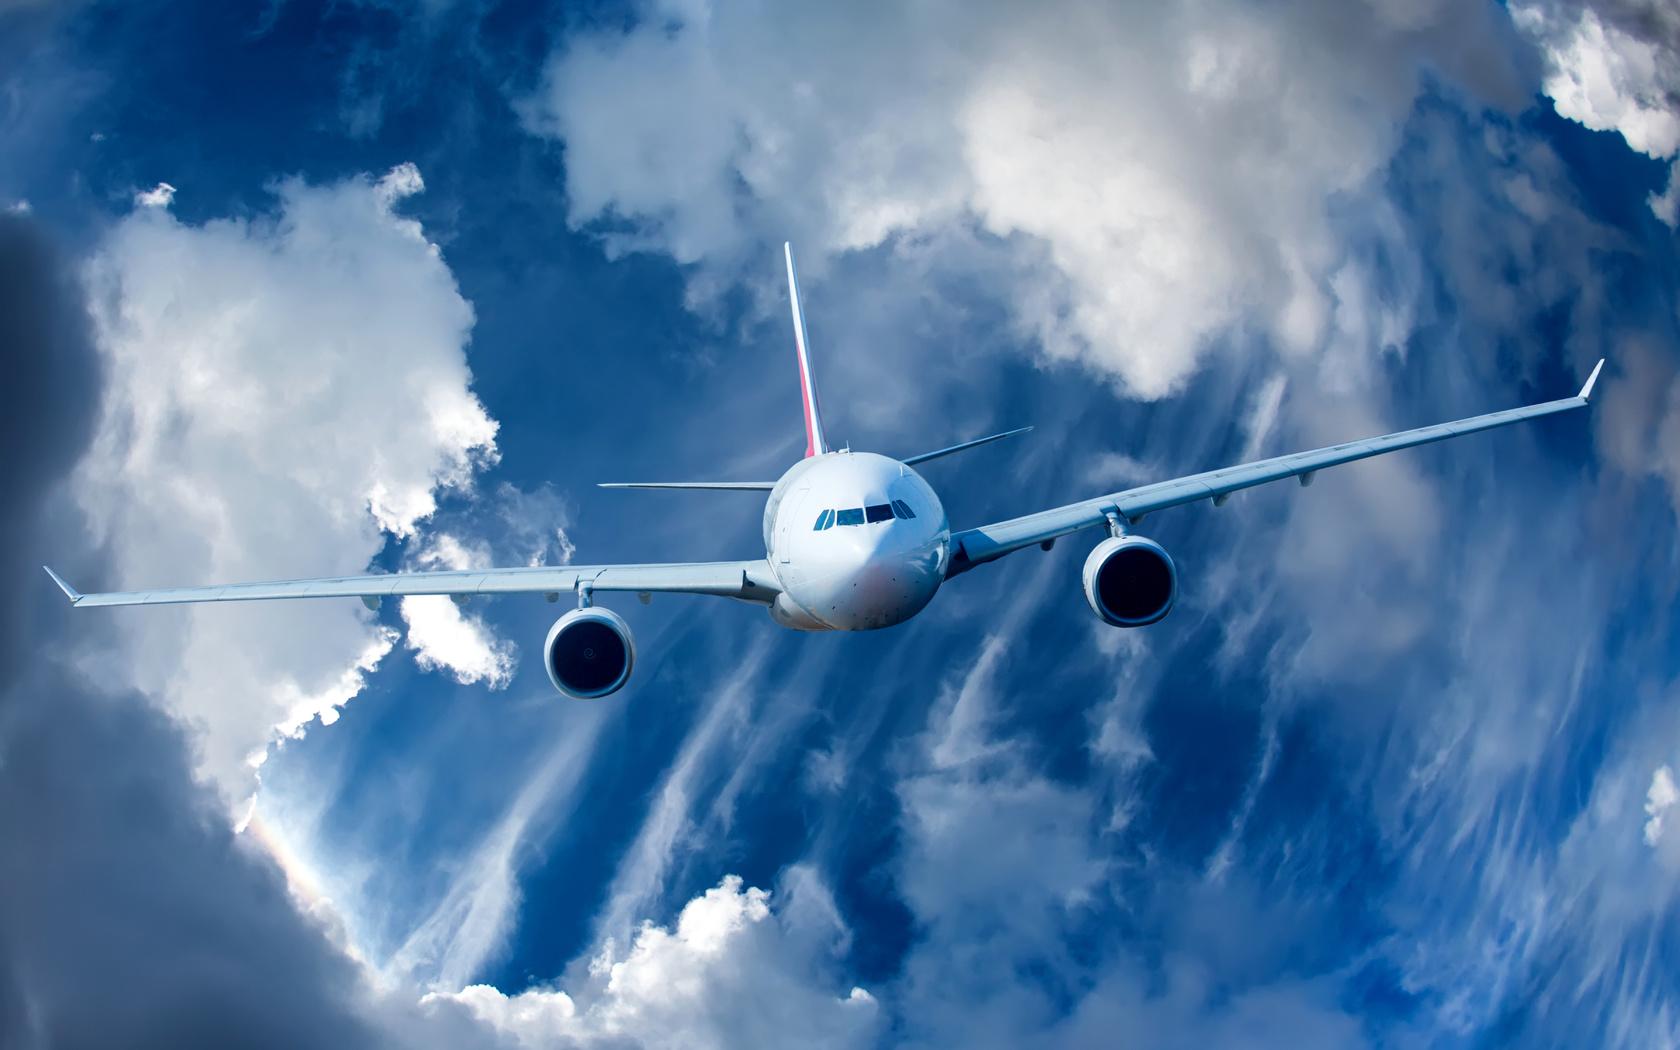 красивые фотки самолетов считаются